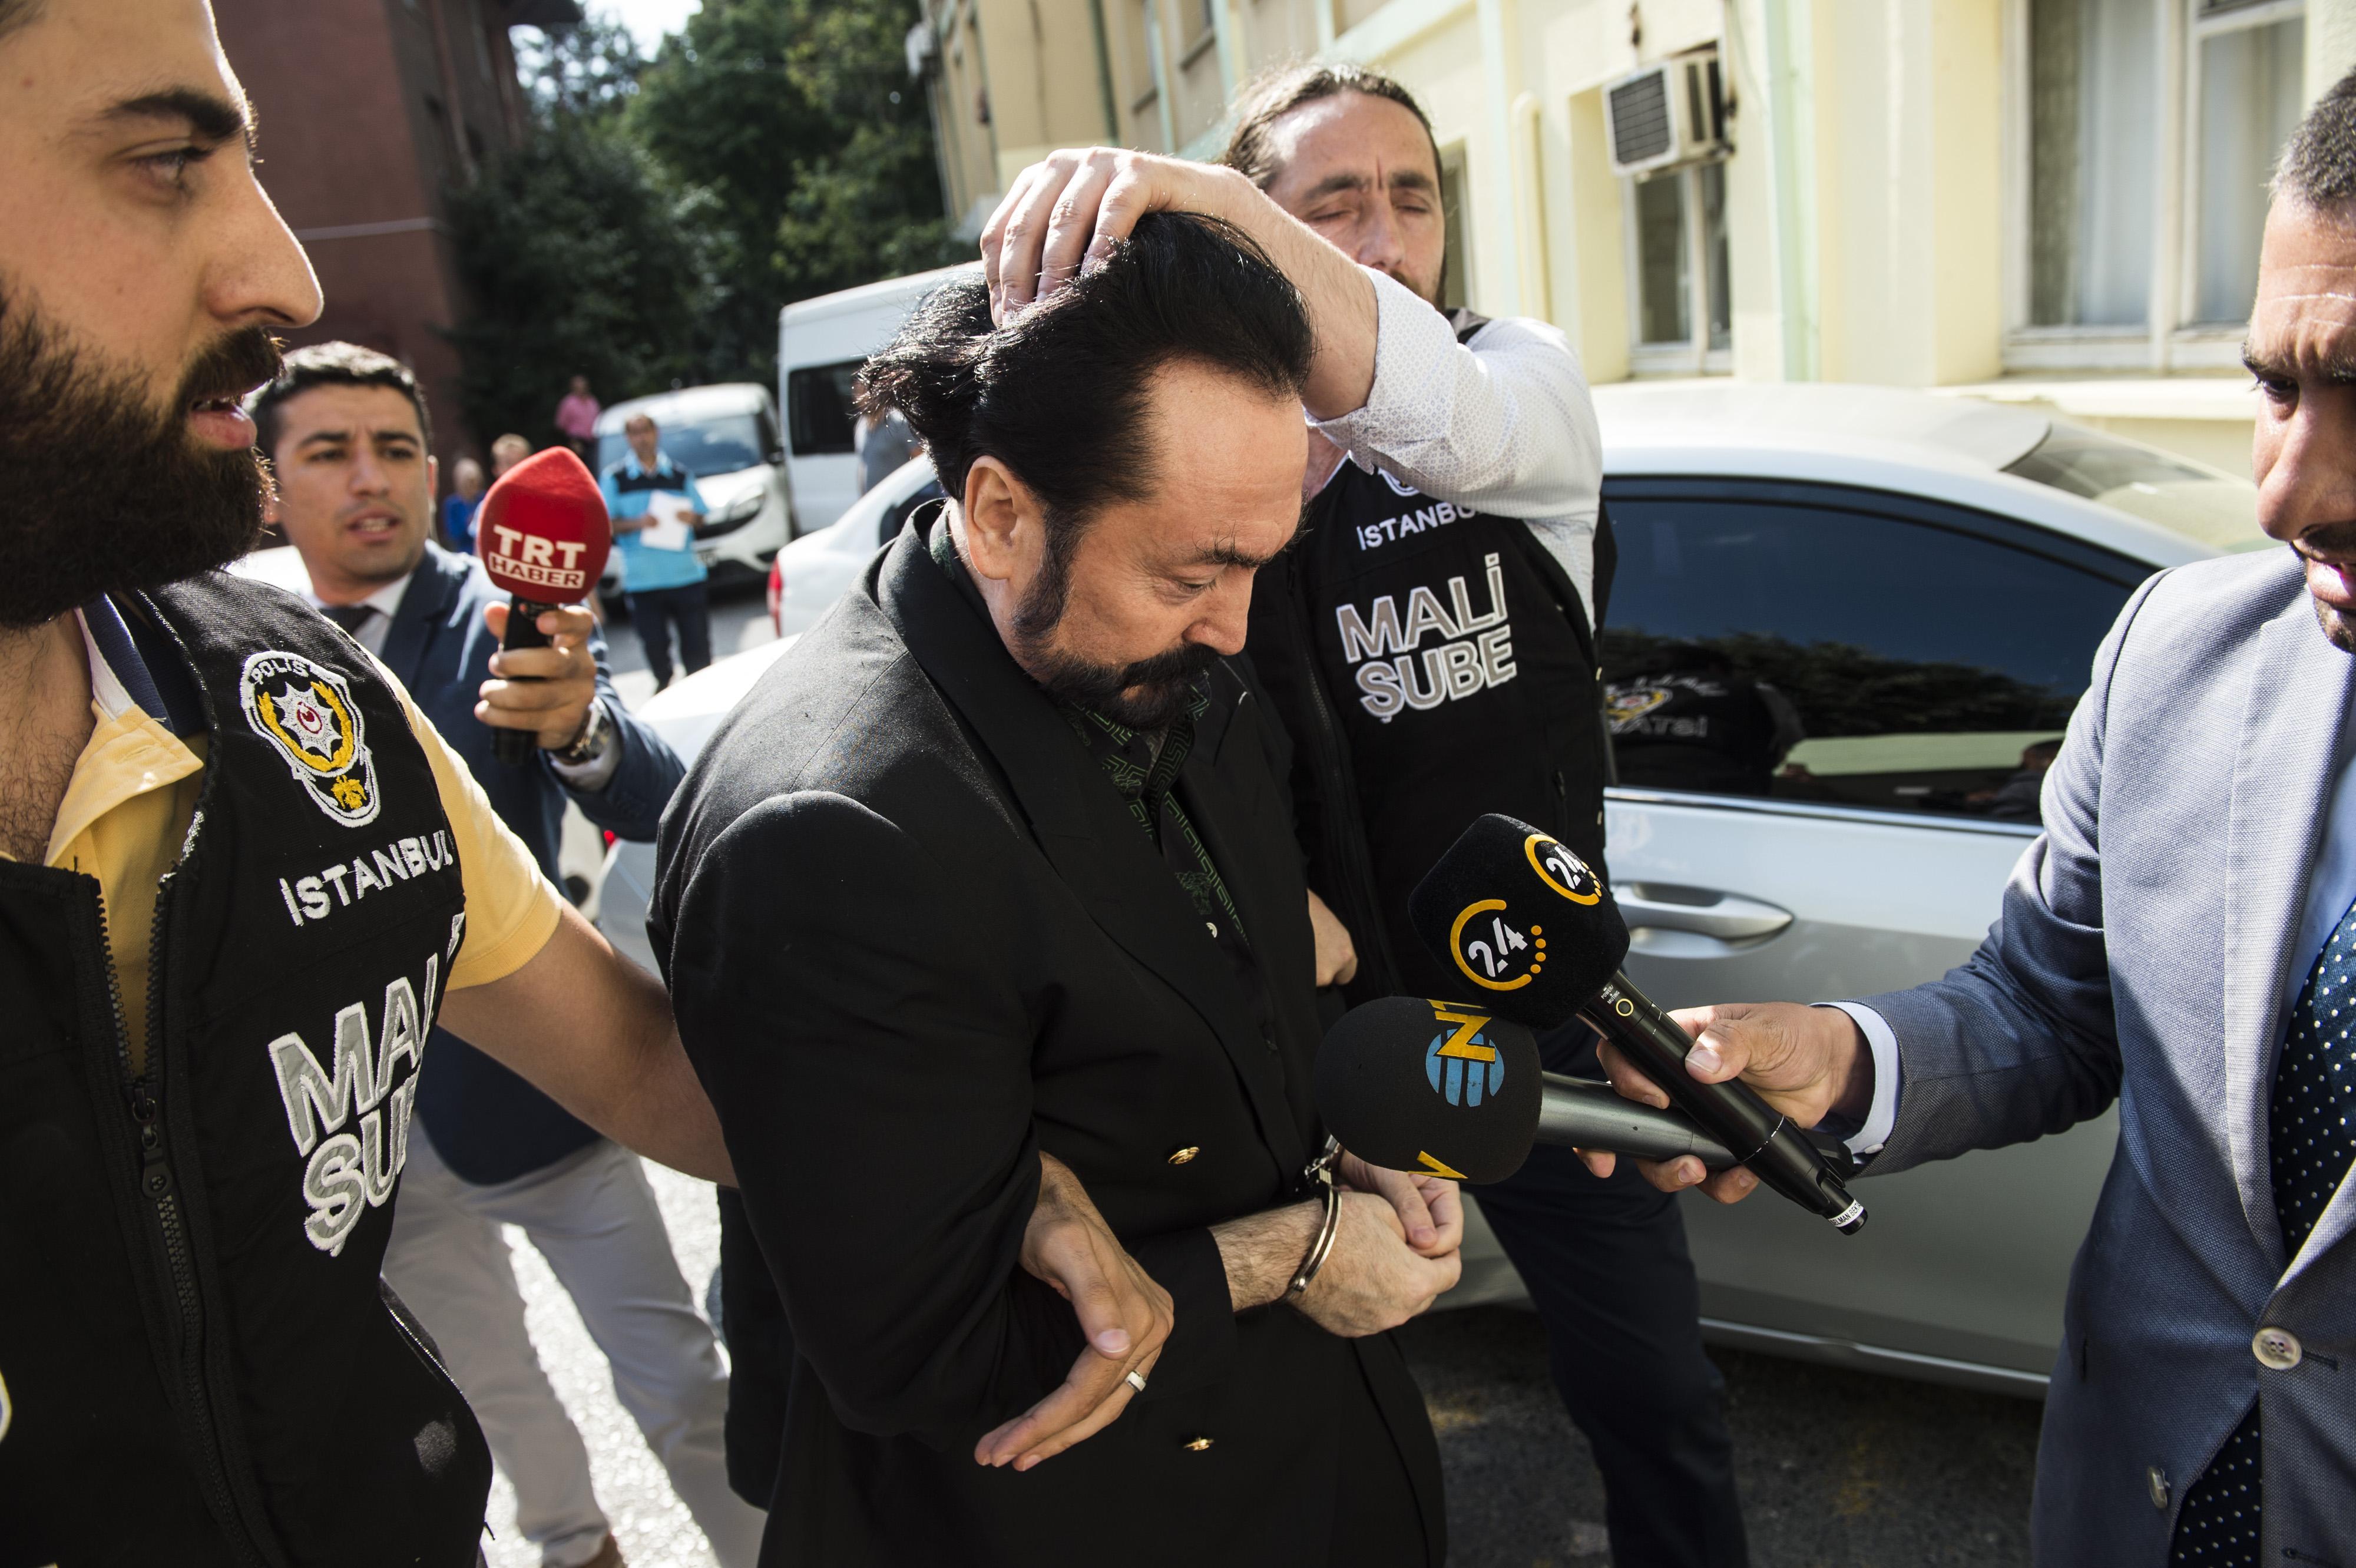 Gözaltına alınan ünlü oyuncu için karar verildi